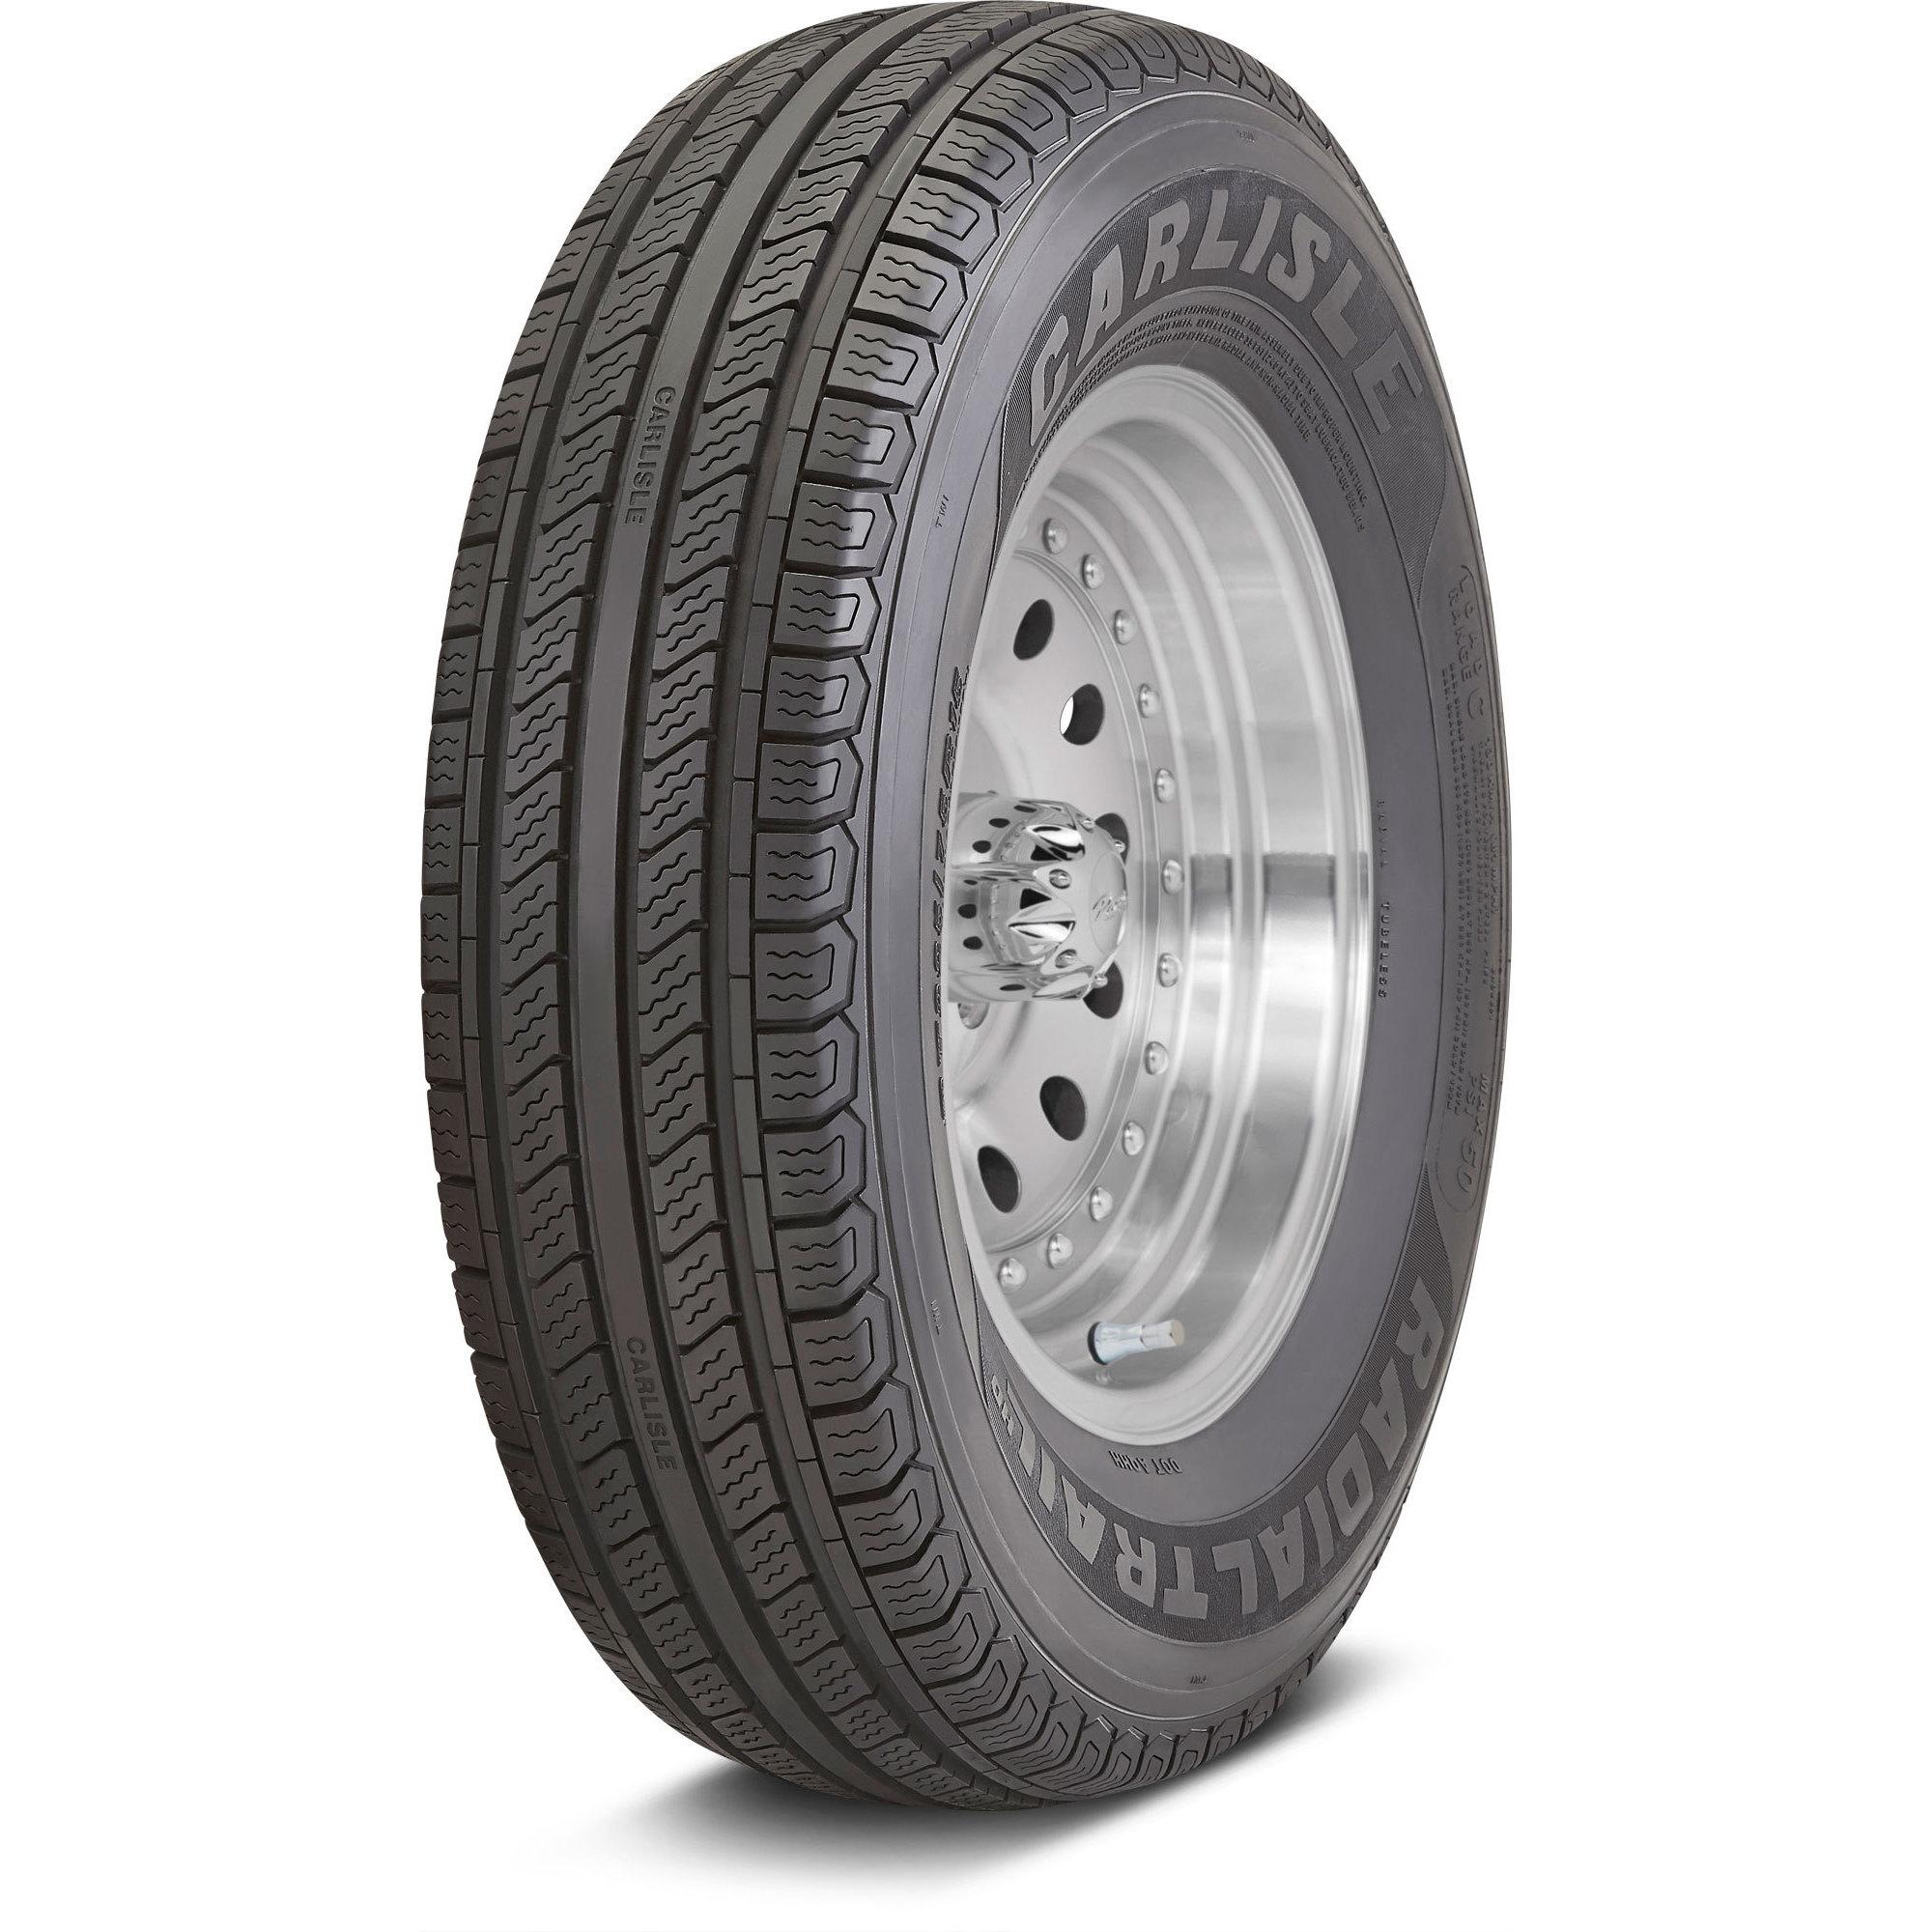 235//85R16 Carlisle Radial Trail HD Trailer Tire